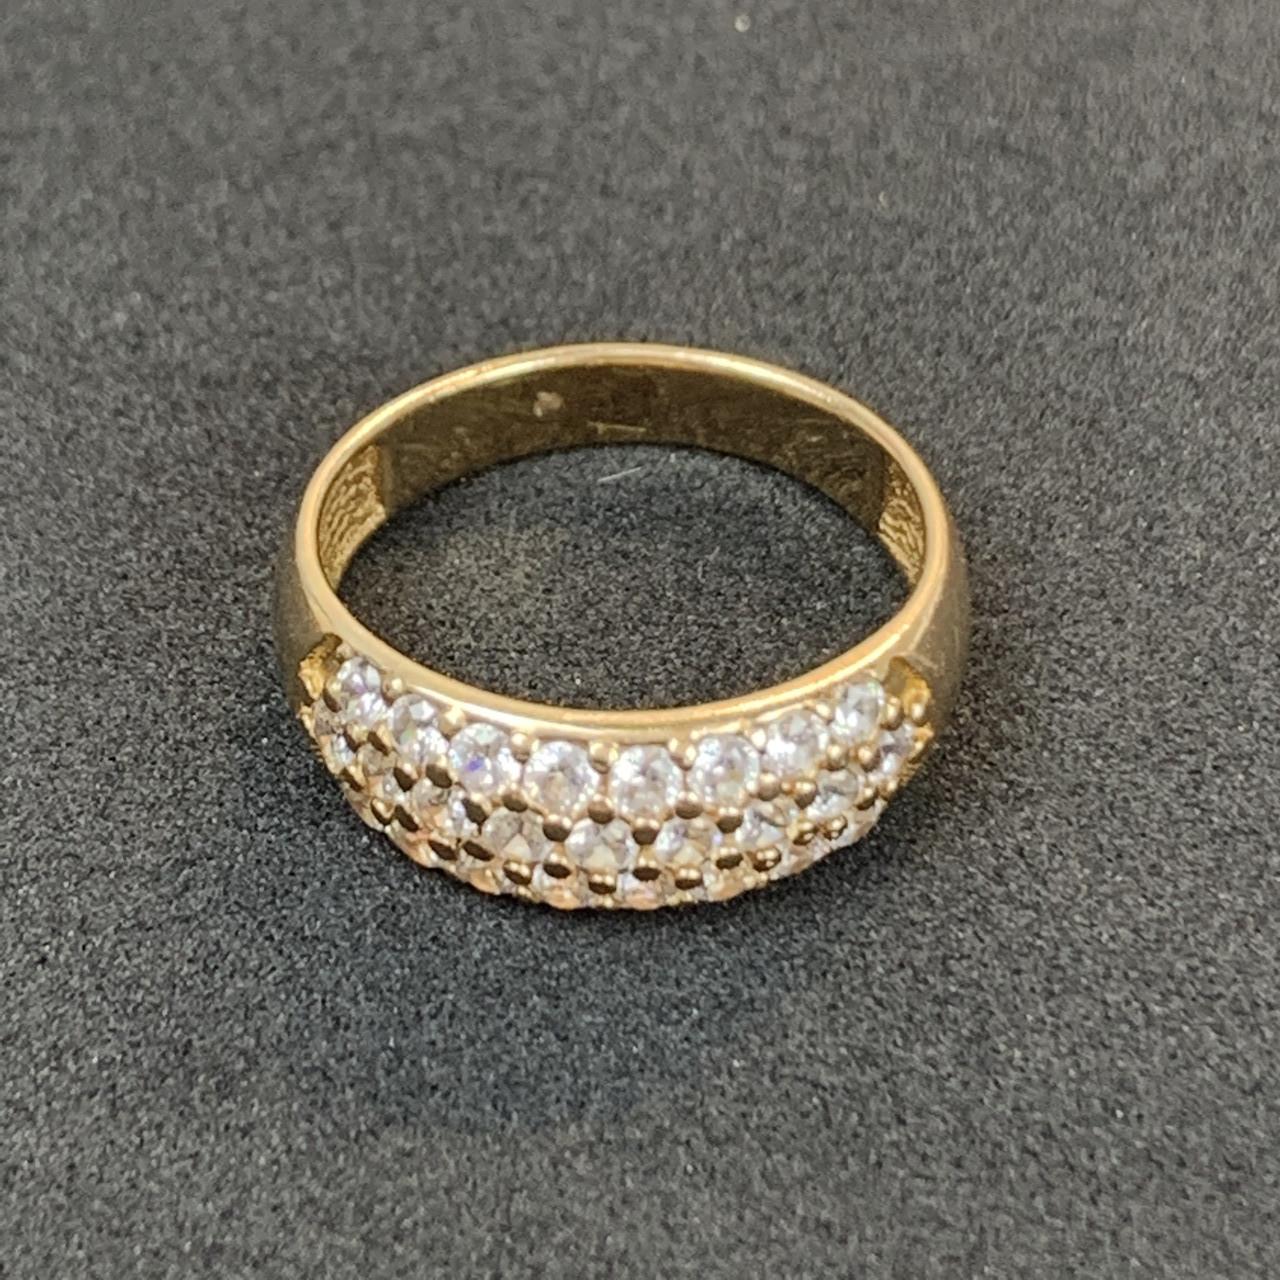 Золотое кольцо 585 пробы Б/У с фианитами, вес 3.53 г